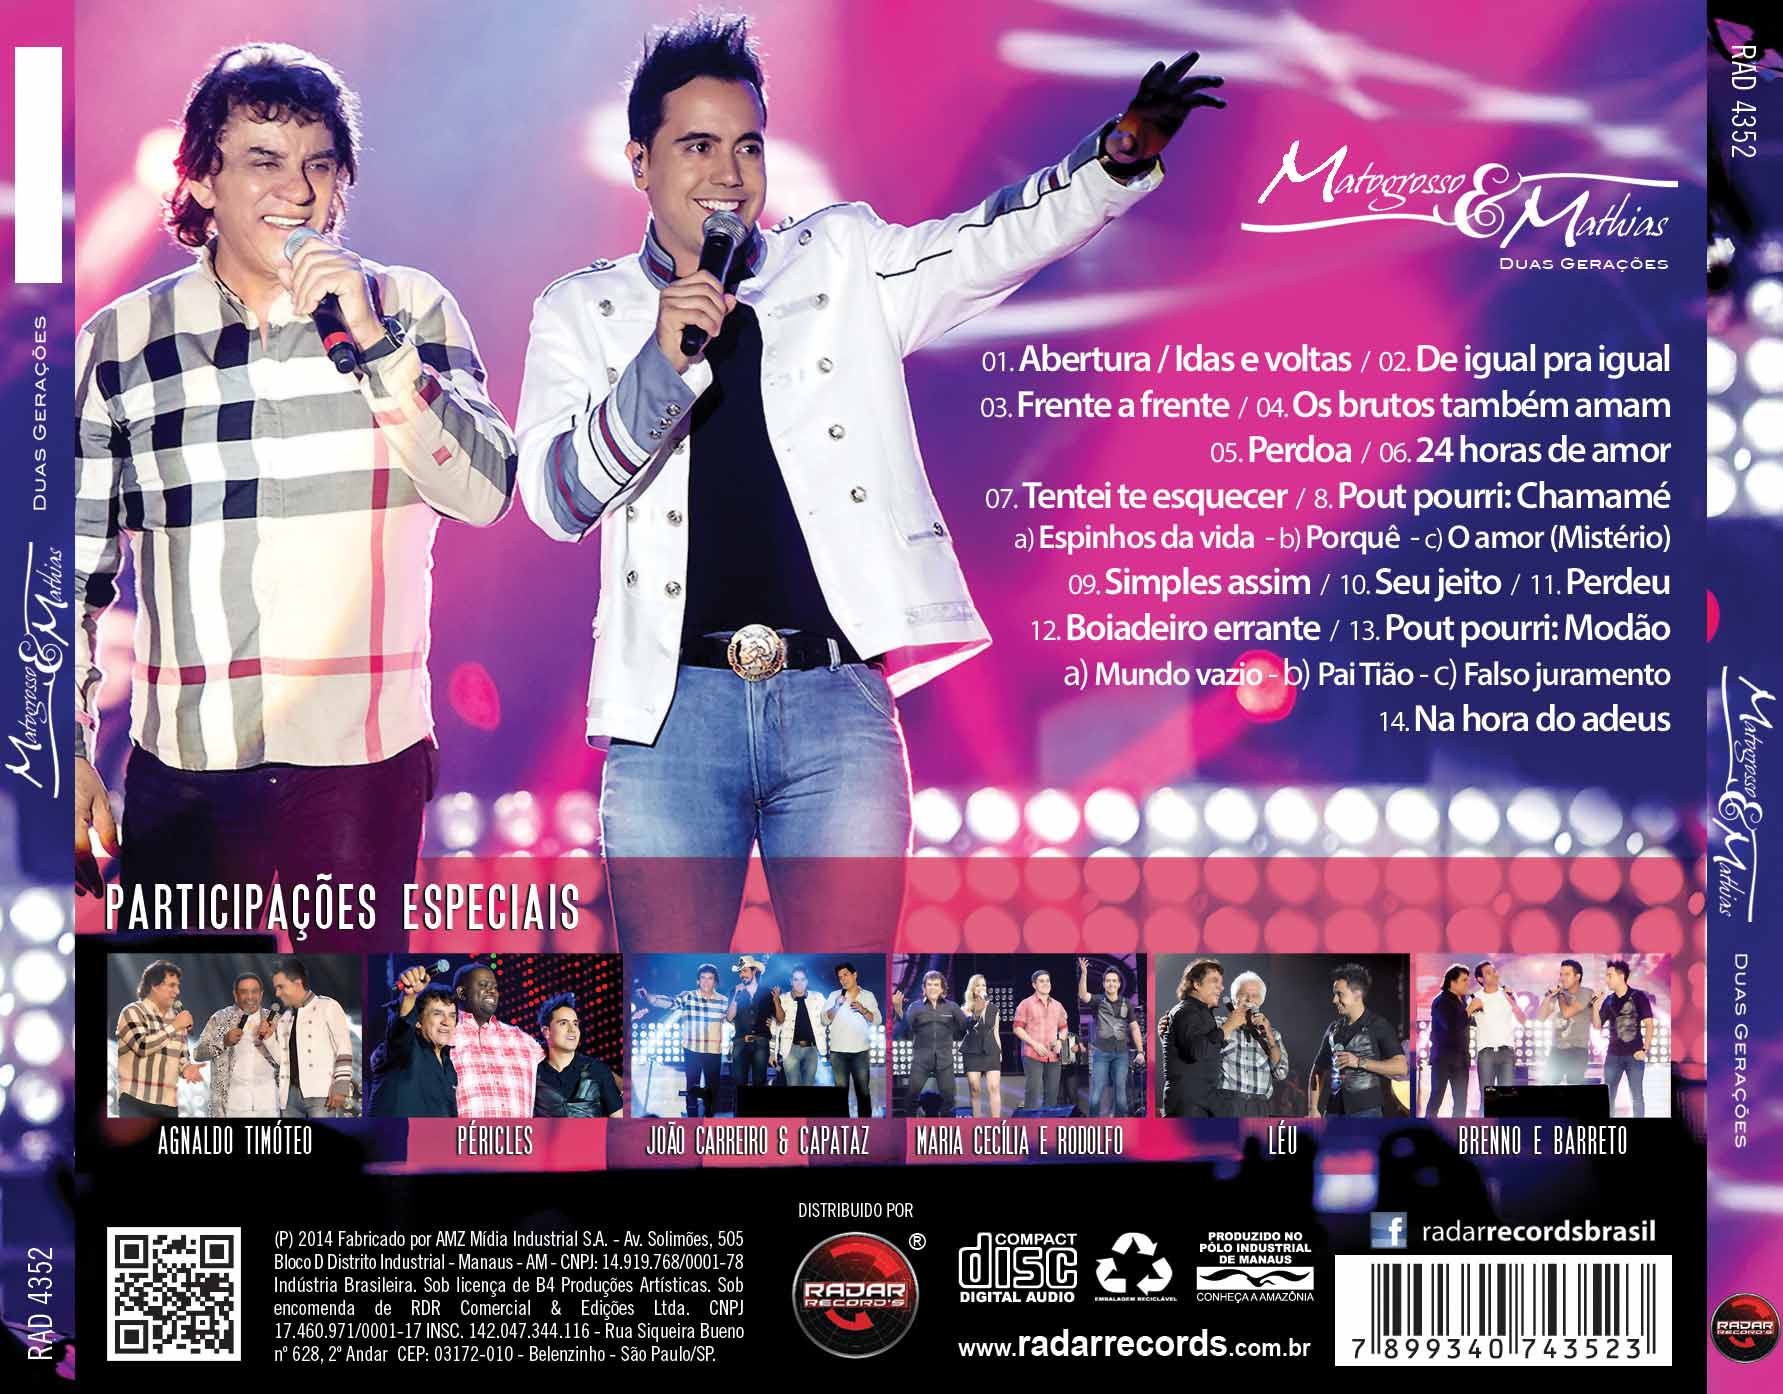 CD Matogrosso & Mathias - Duas Gerações (Ao Vivo)